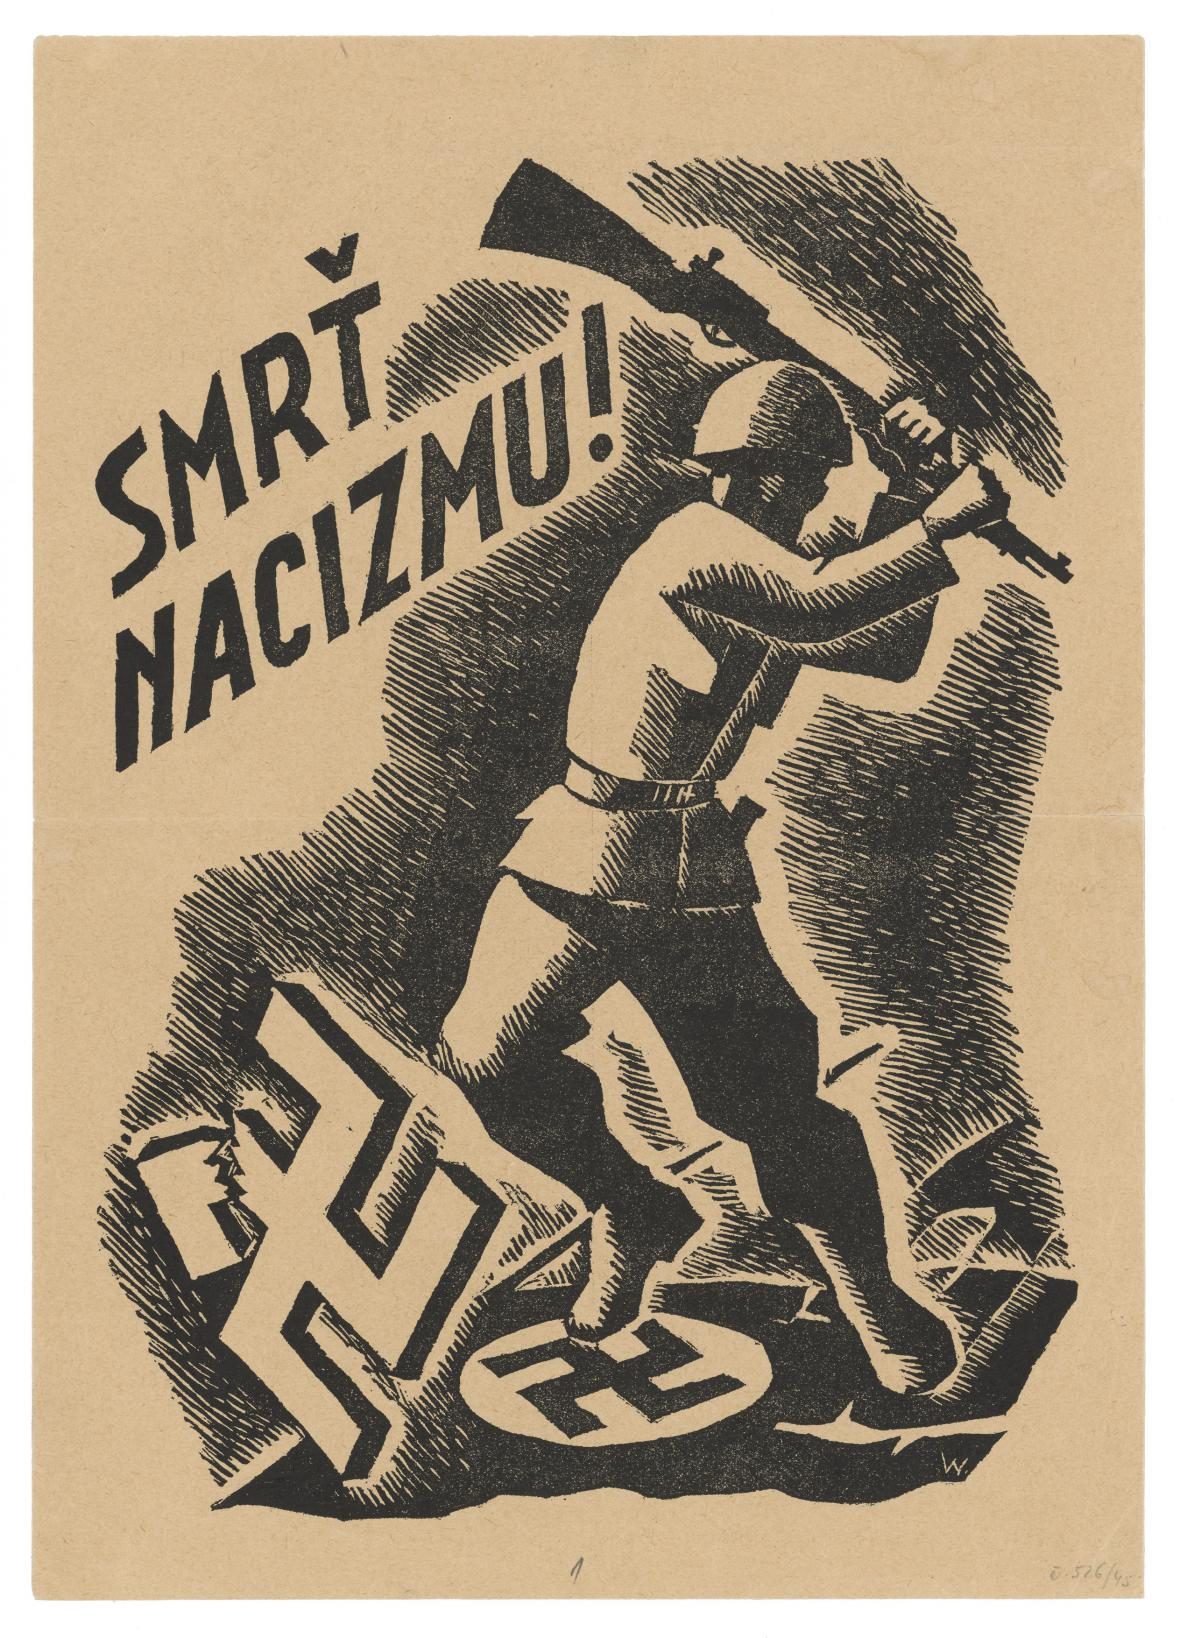 Štefan Bednár / Smrt nacismu!, 1944